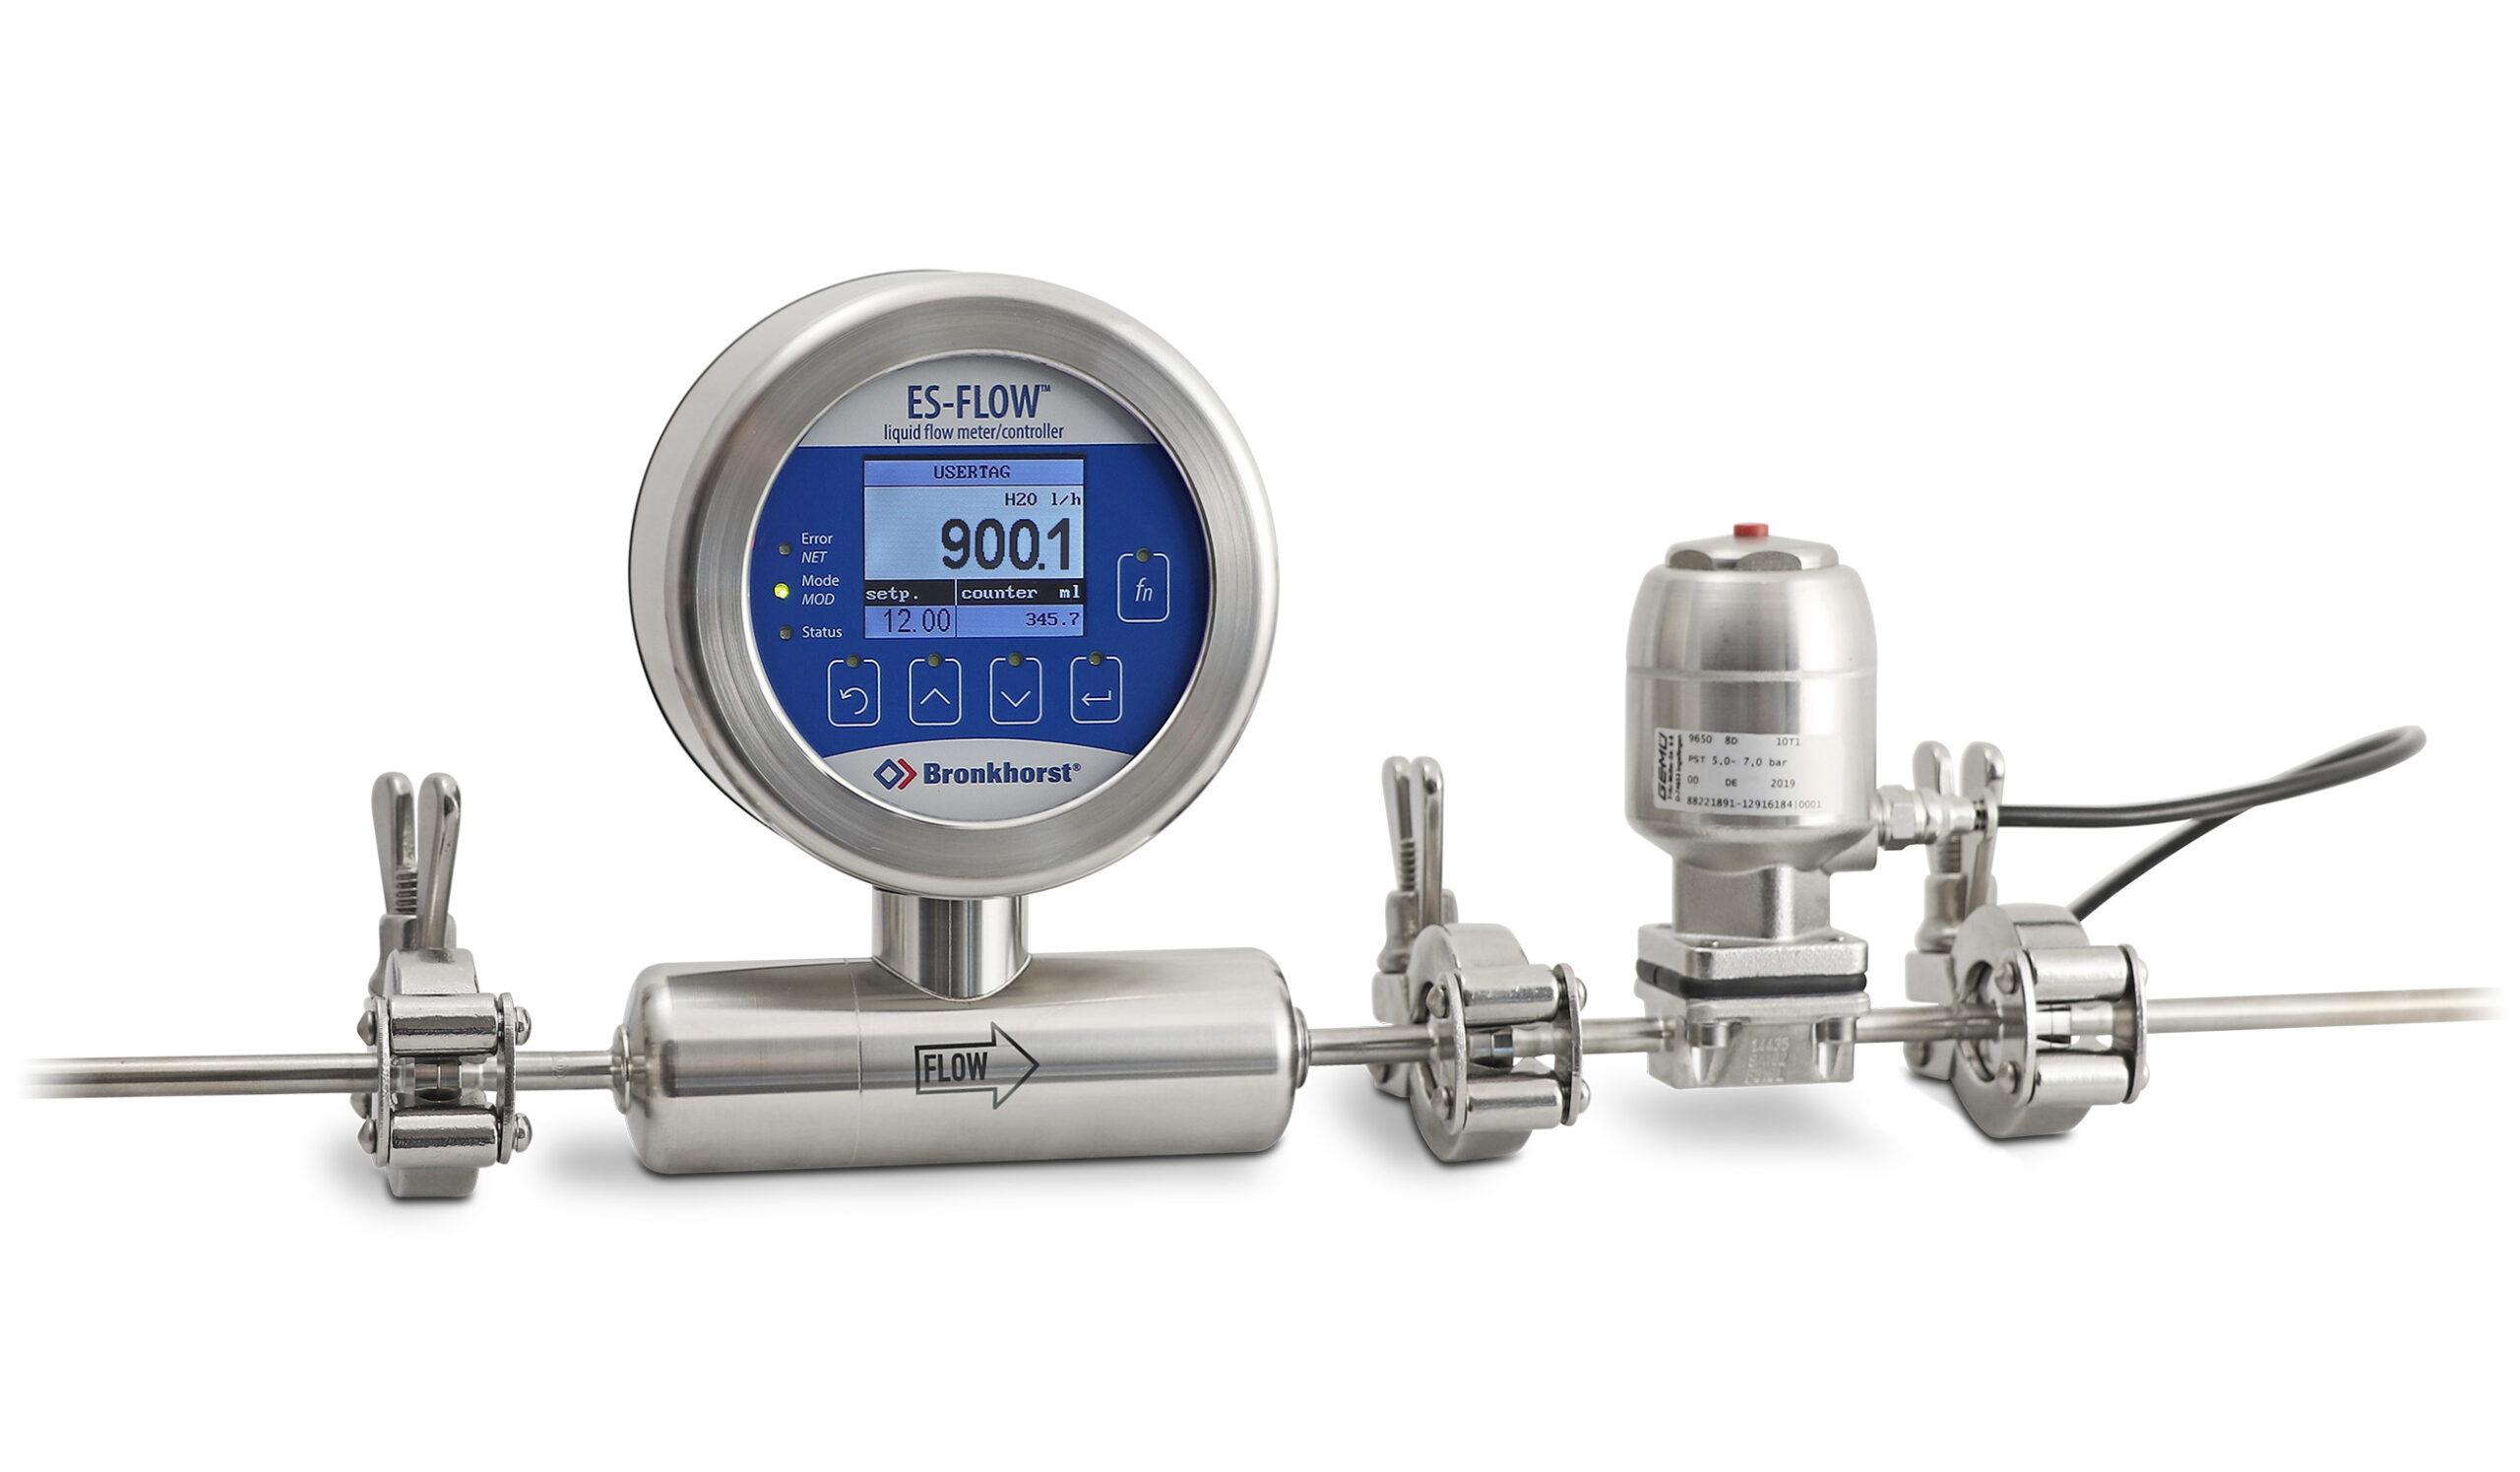 ES-Flow s regulačným ventilom pre potravinárske aplikácie